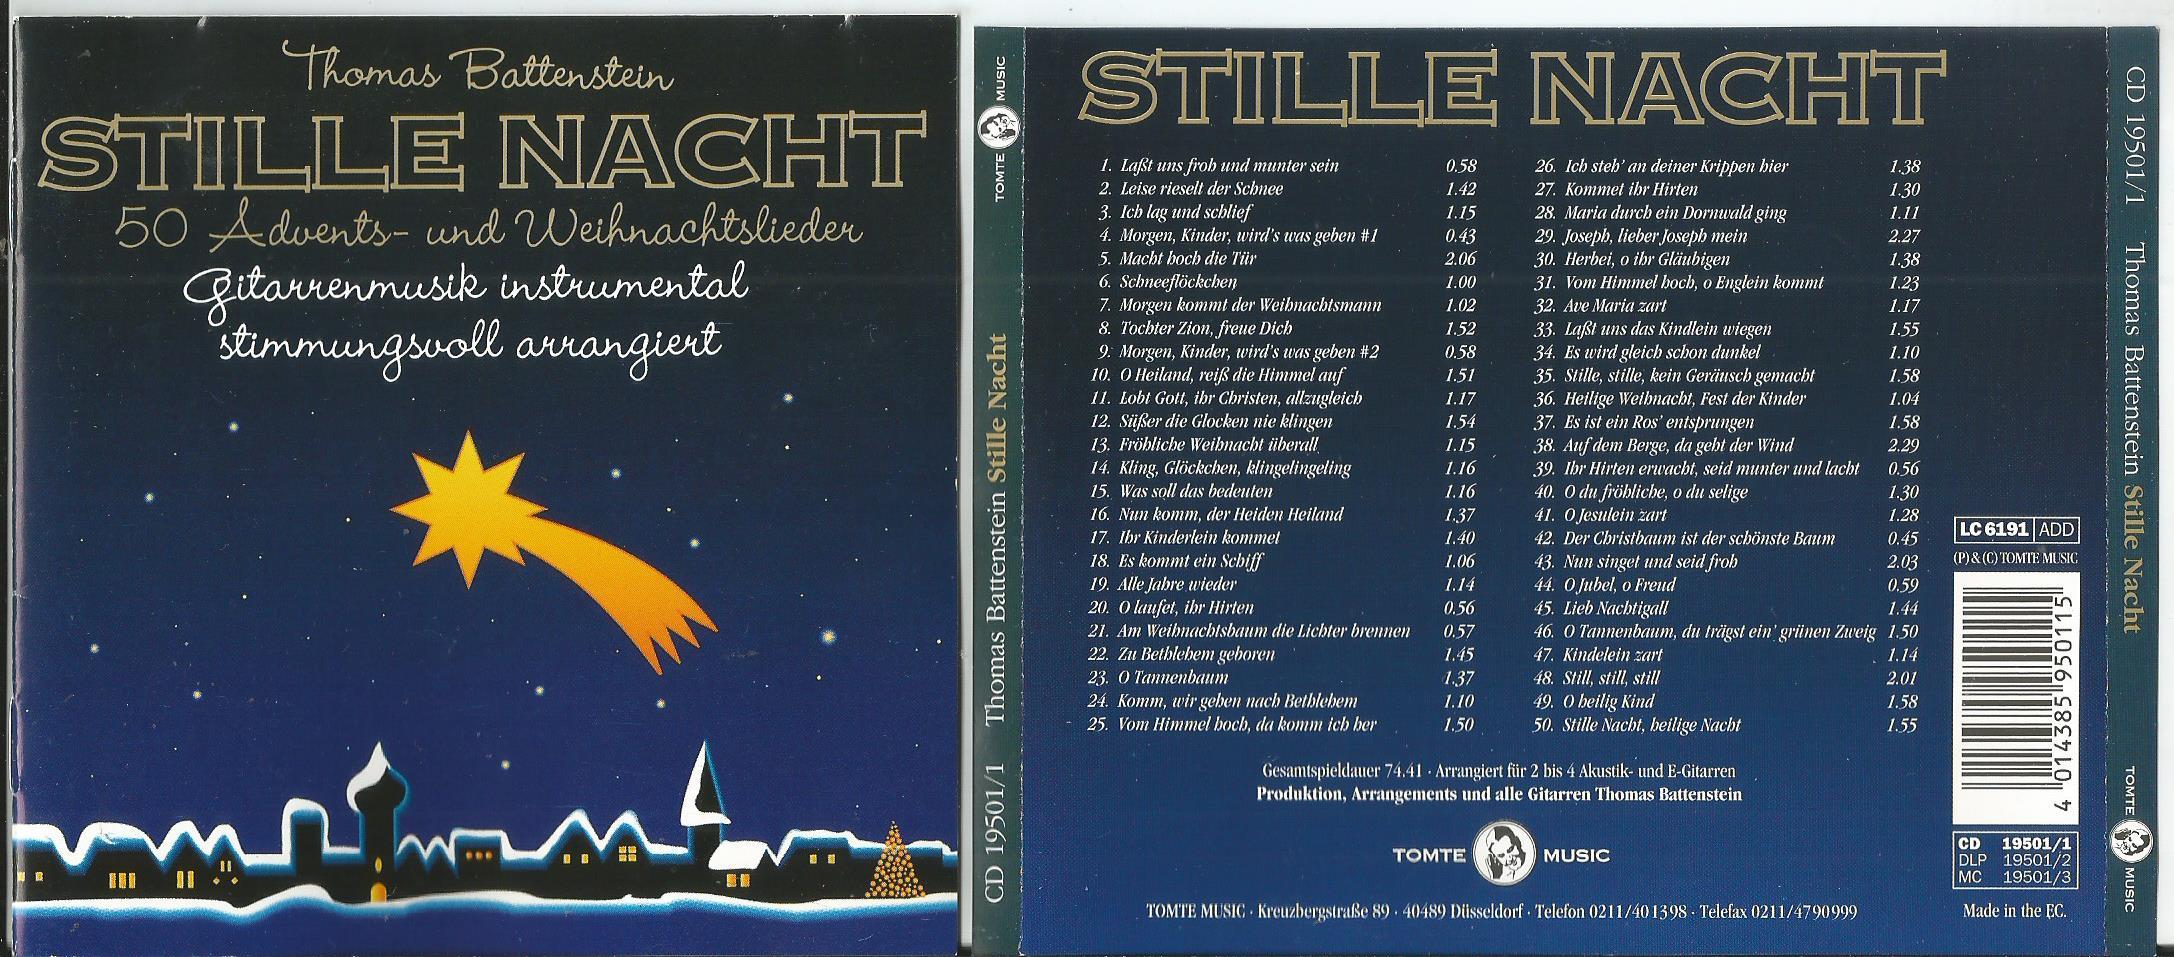 Weihnachtslieder Cd.Battenstein Thomas Stille Nacht 50 Advents Und Weihnachtslieder